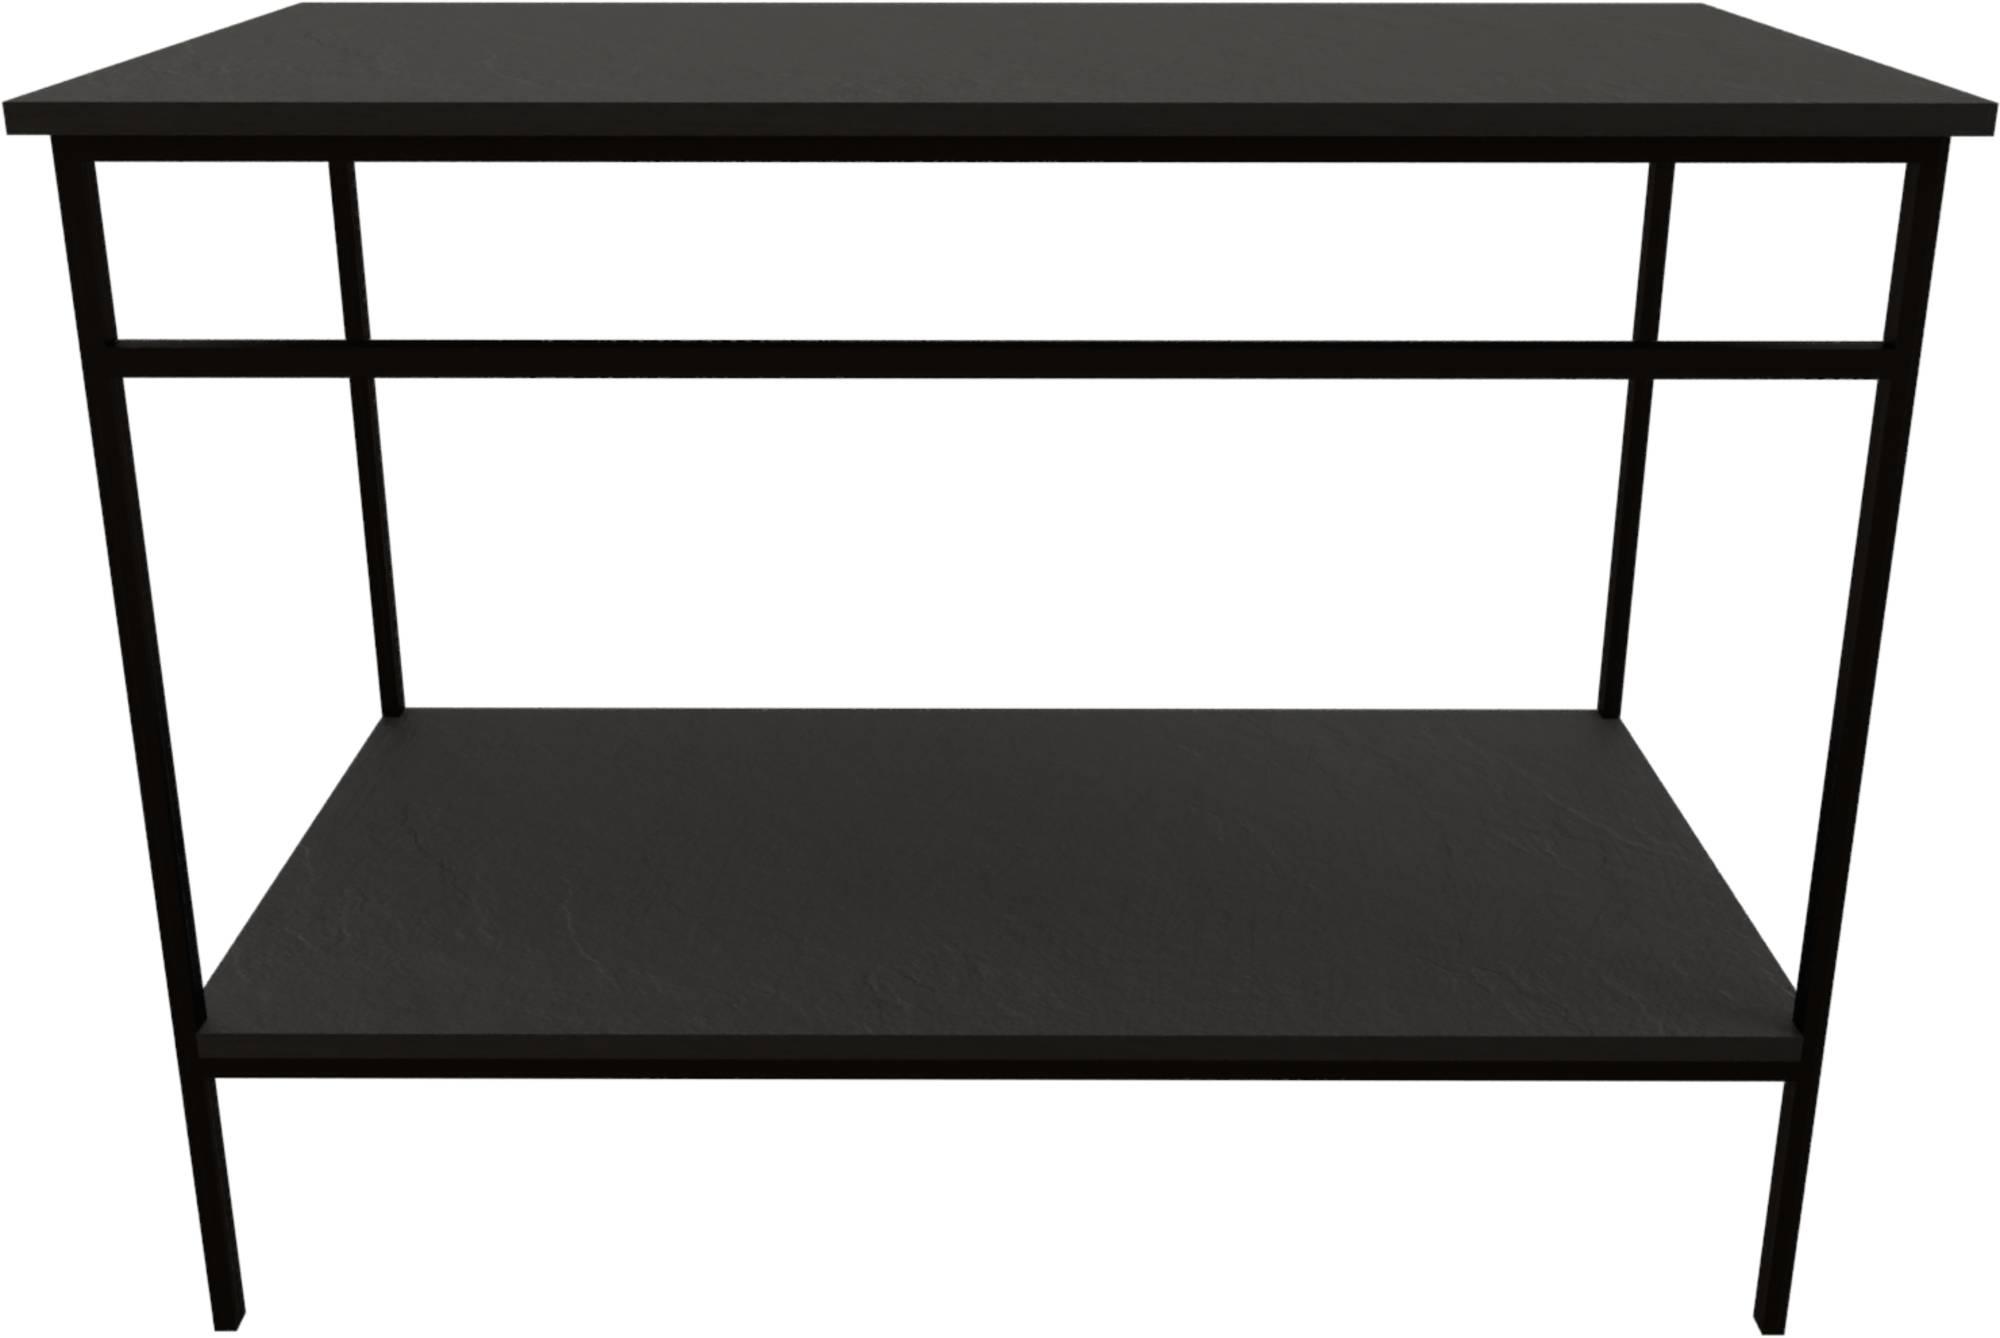 Ben Avira Set Staand Frame met Blad 120,3x46,5x85 cm Mat Zwart/Zwart